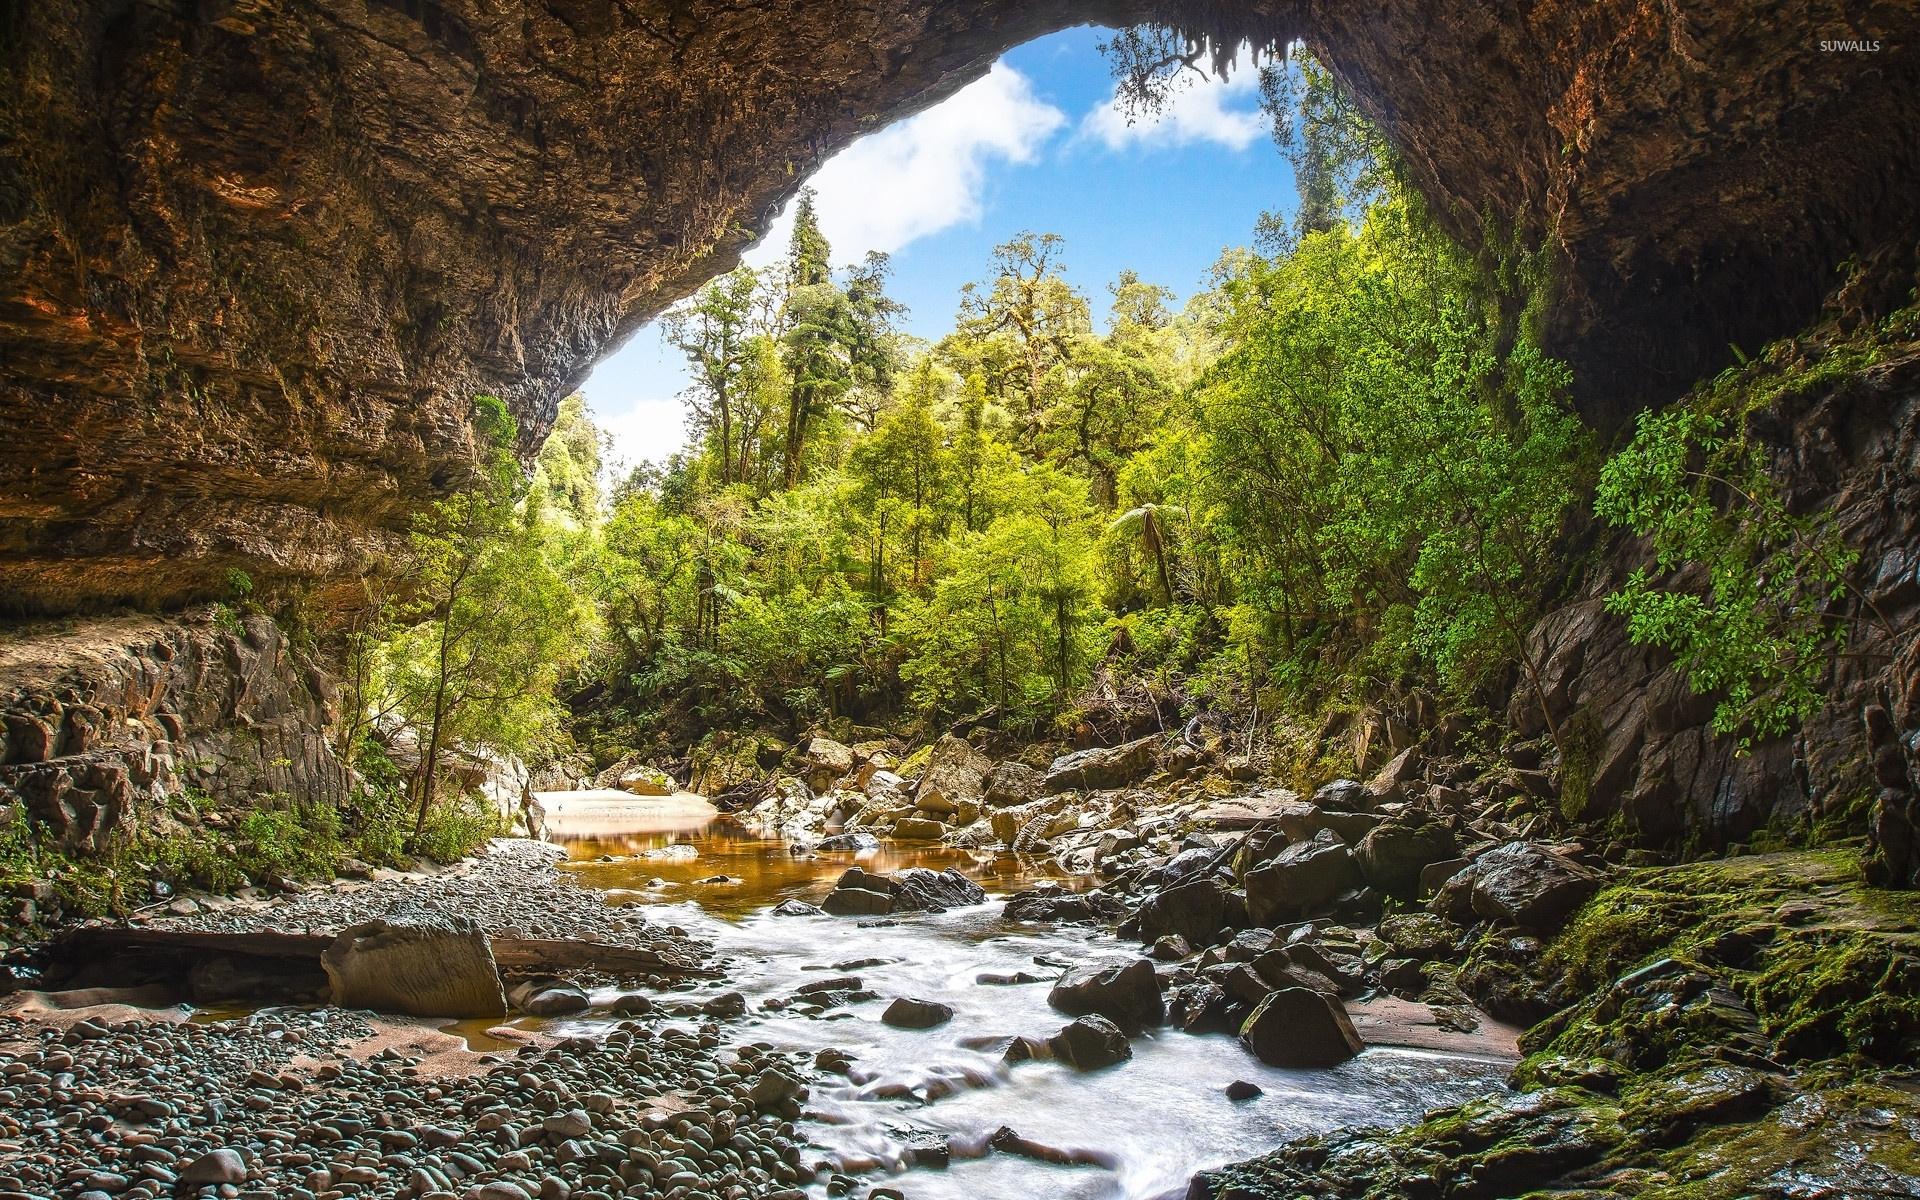 rocky mountain creek wallpaper - photo #6